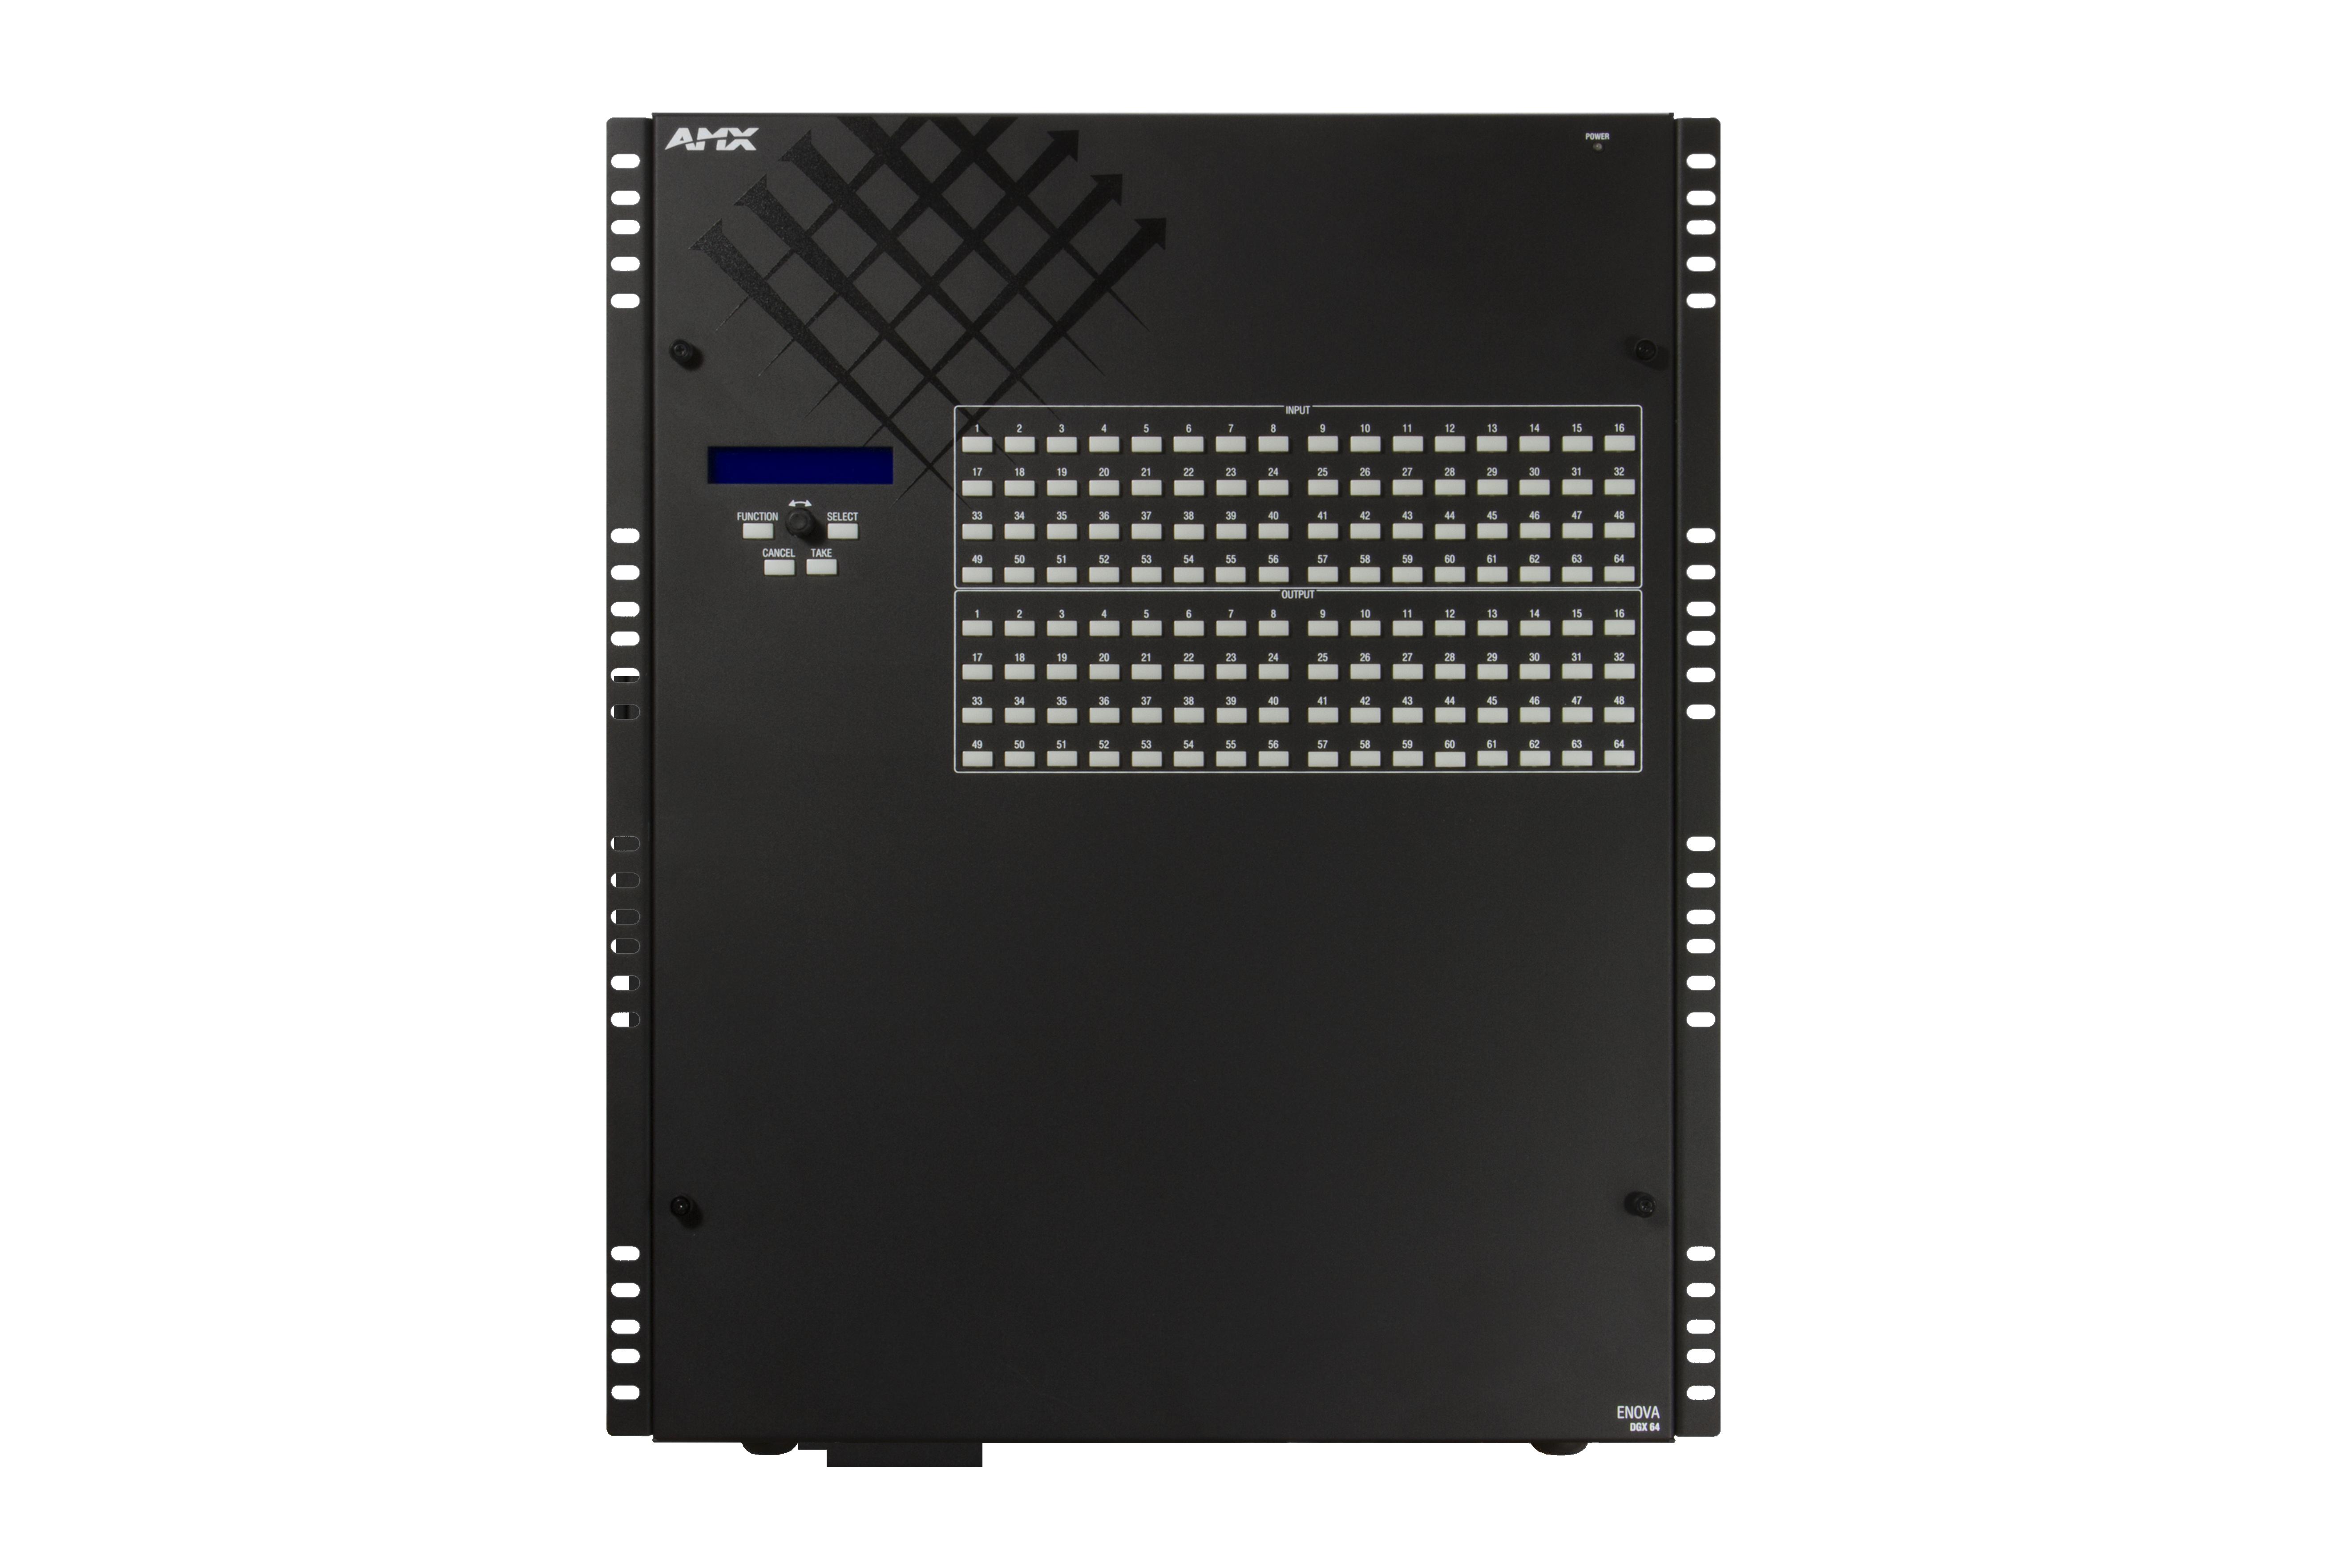 DGX64-ENC - Front